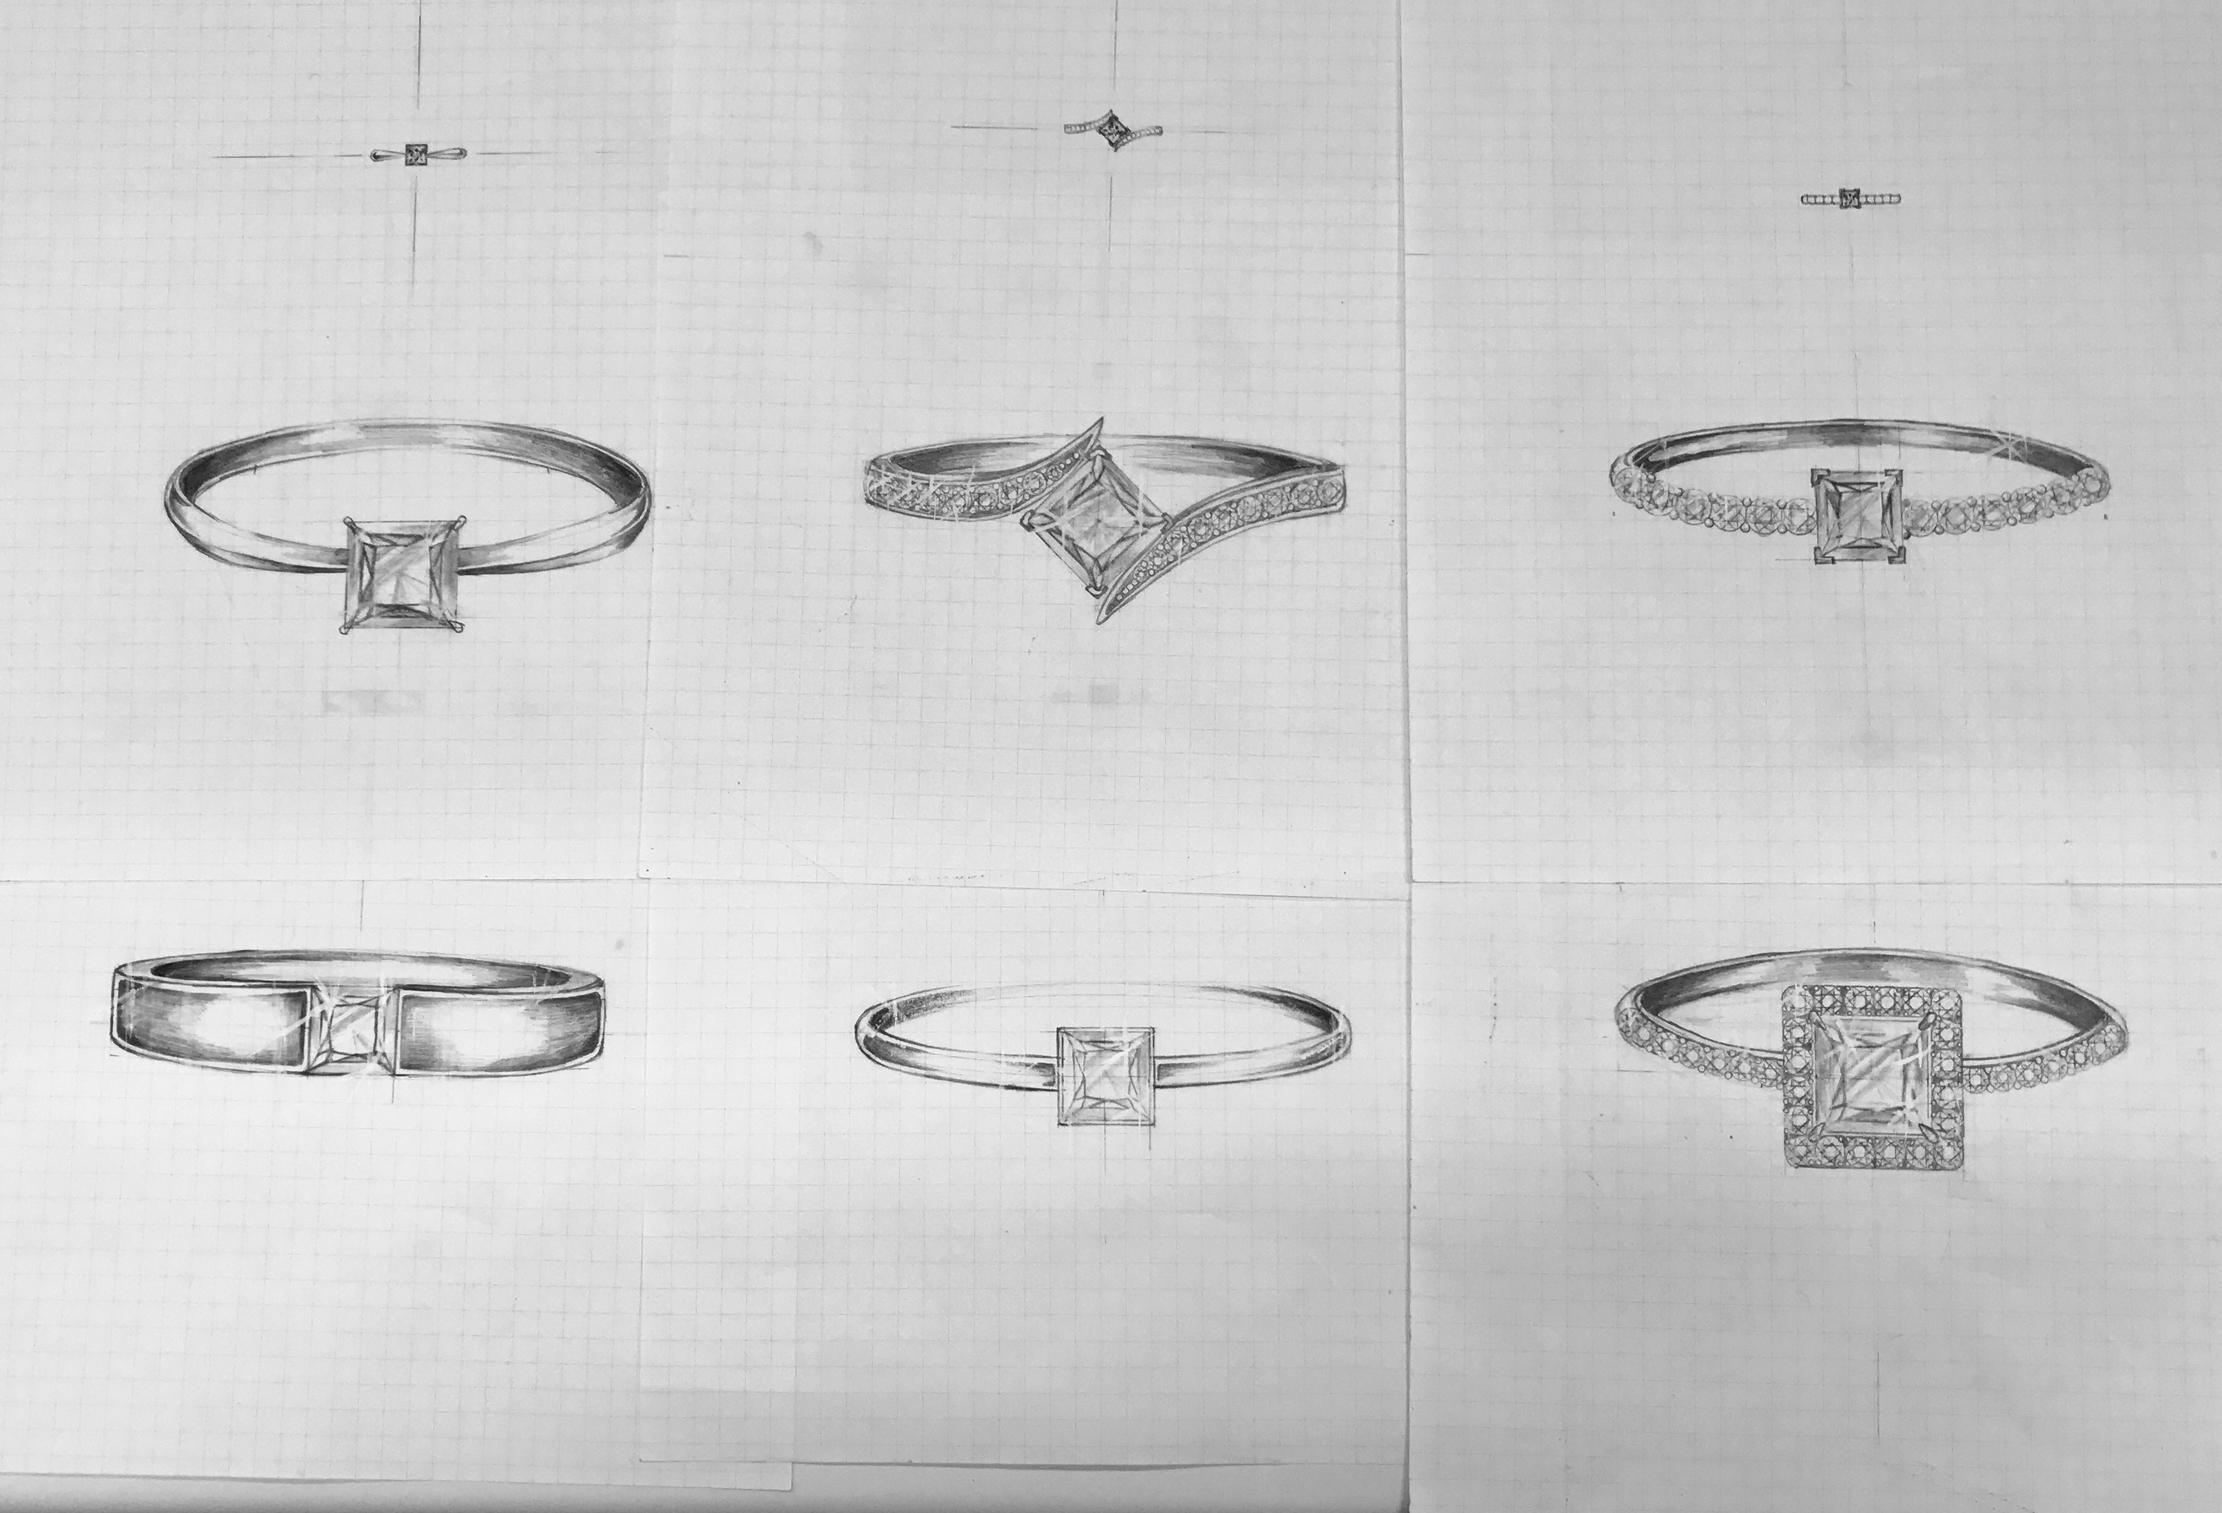 【浜松・浜松市】世界にひとつだけ♡オーダーメイドの婚約指輪・結婚指輪 主役のダイヤモンド 気品あふれる「プリンセスカット」に注目